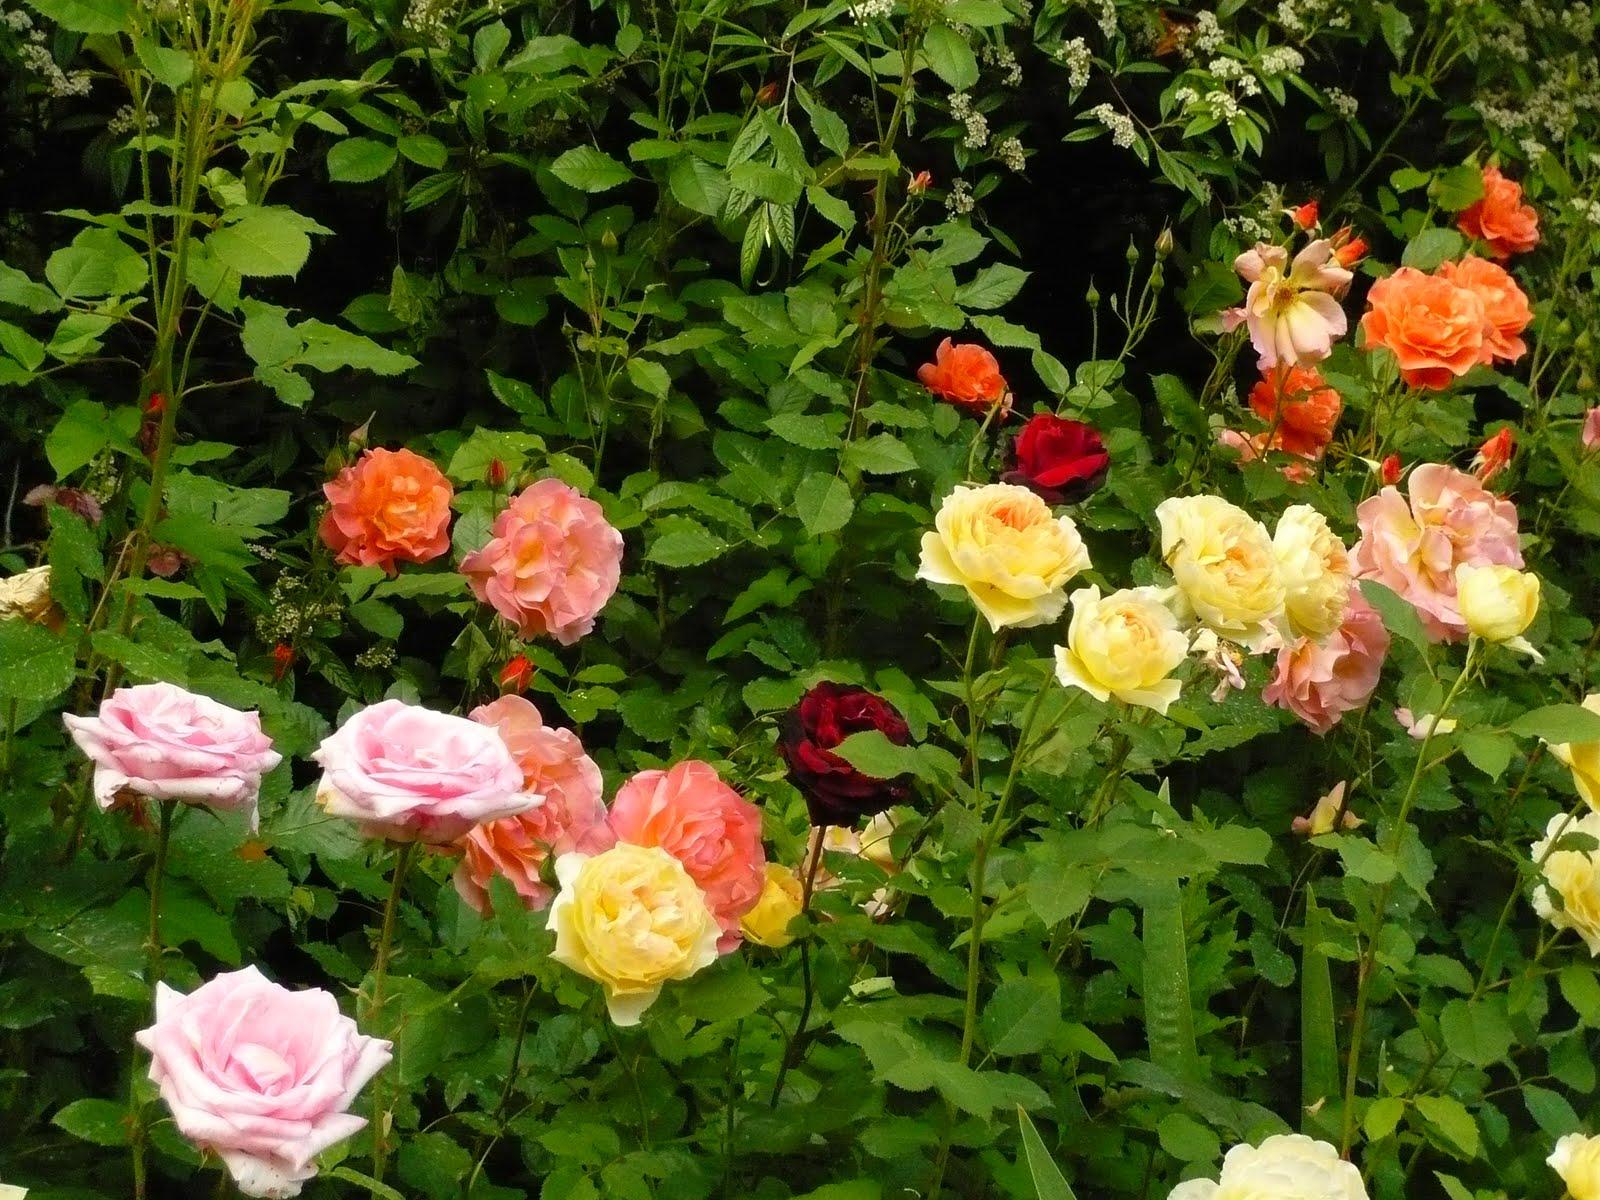 Arte y jardiner a el jard n de rosas for Arbustos con flores para jardin